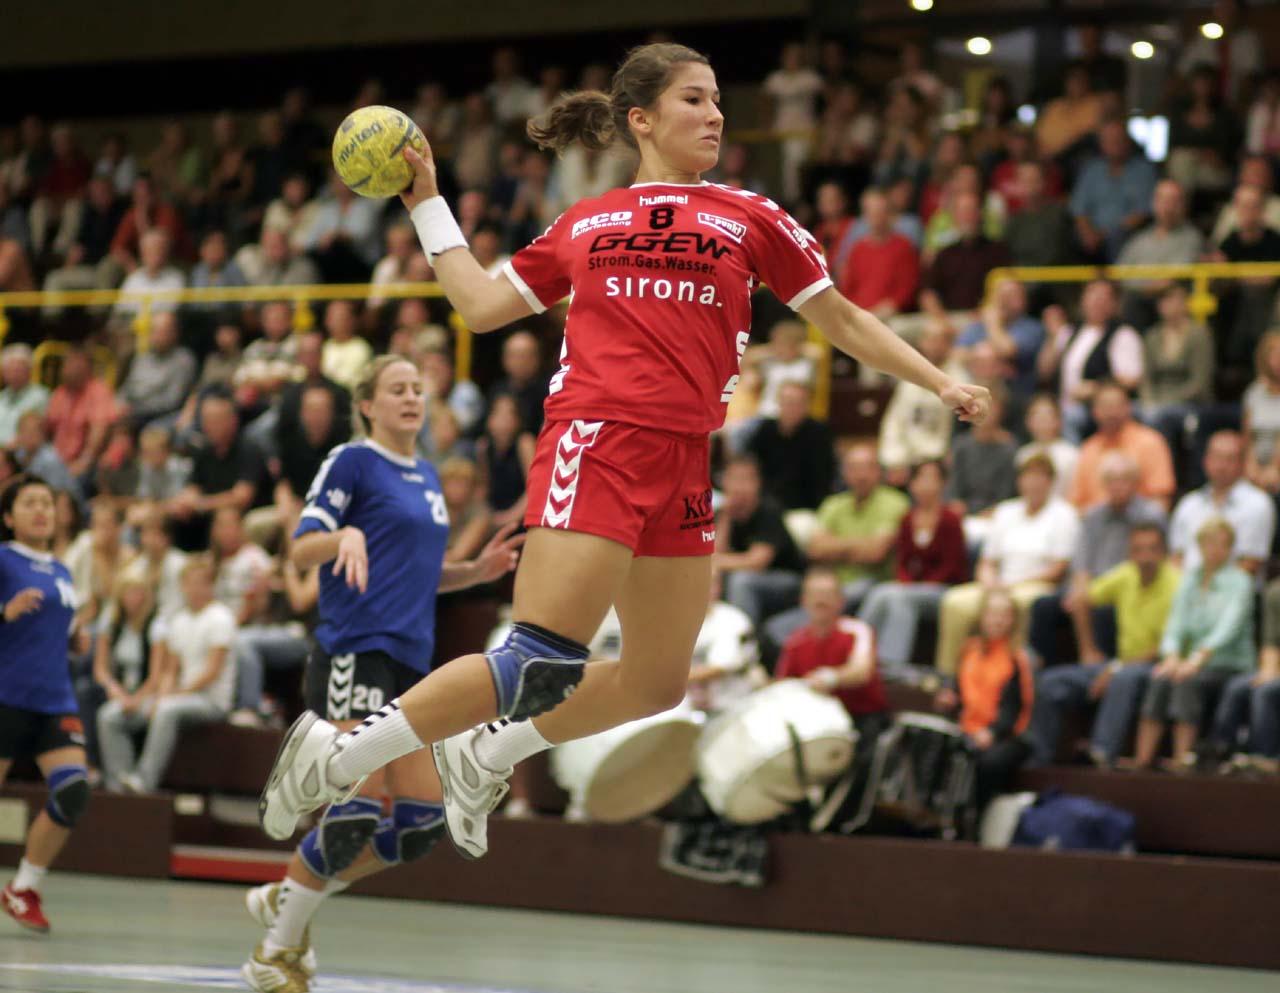 Mara_Friton_Handball